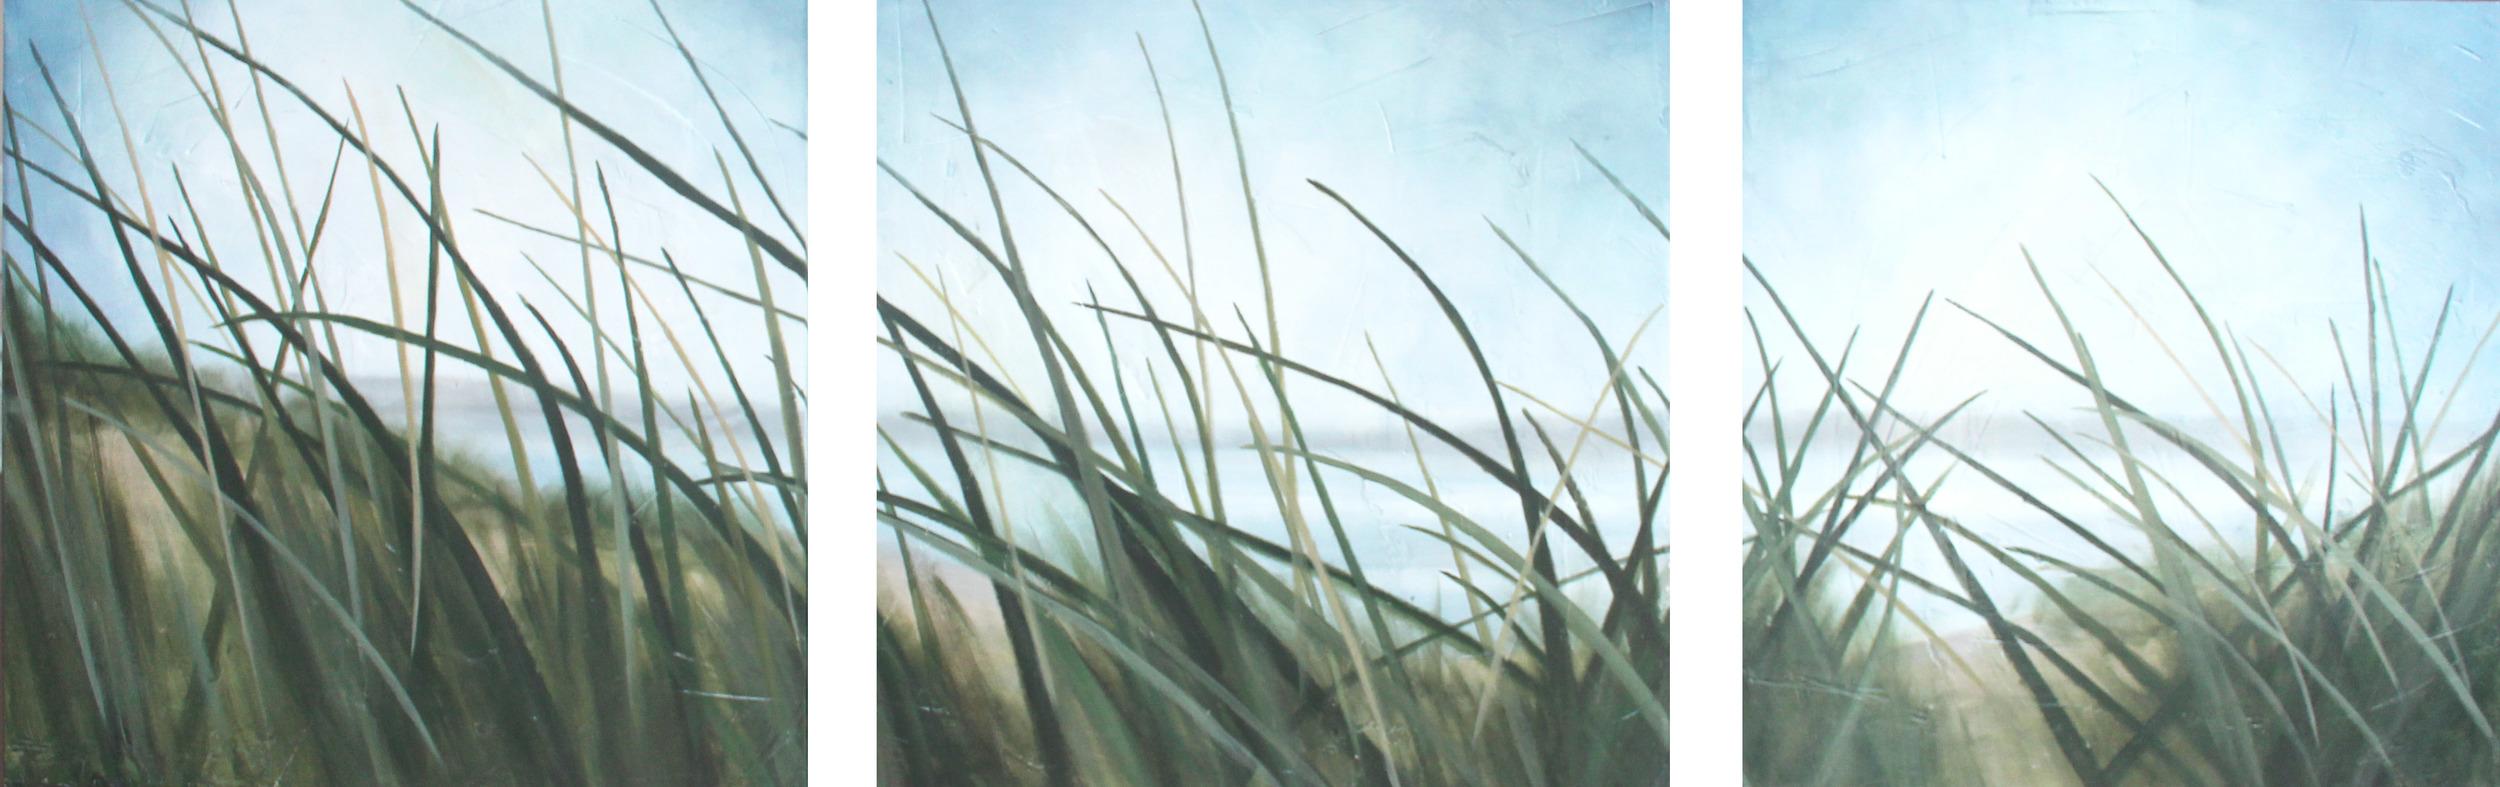 sea grass triptych #5, 24''x24''.jpg